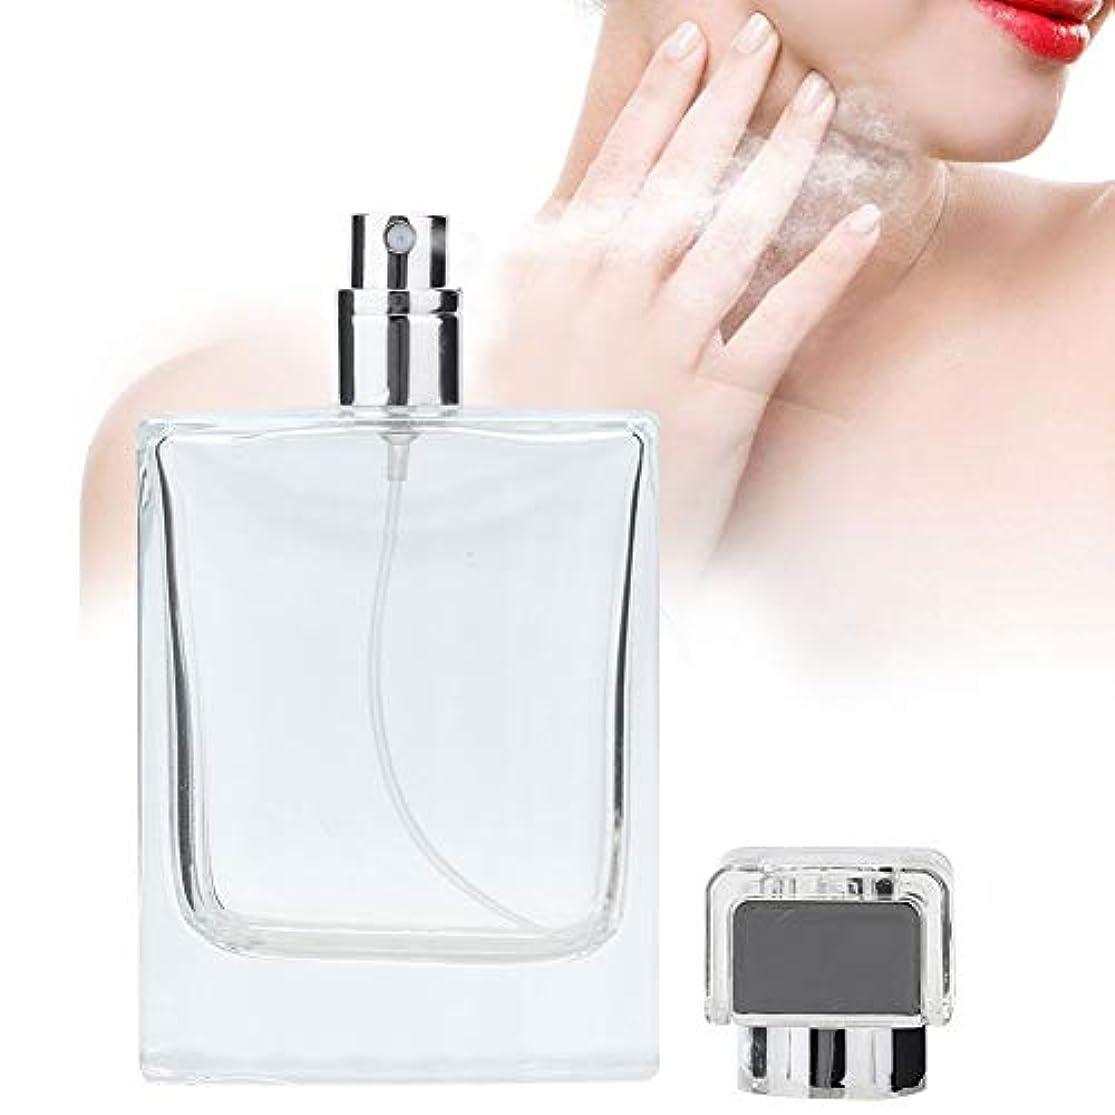 に賛成記憶火山学100 ML ガラス 詰め替え 香水スプレーボトル 空の香水アトマイザーディスペンサーボトル